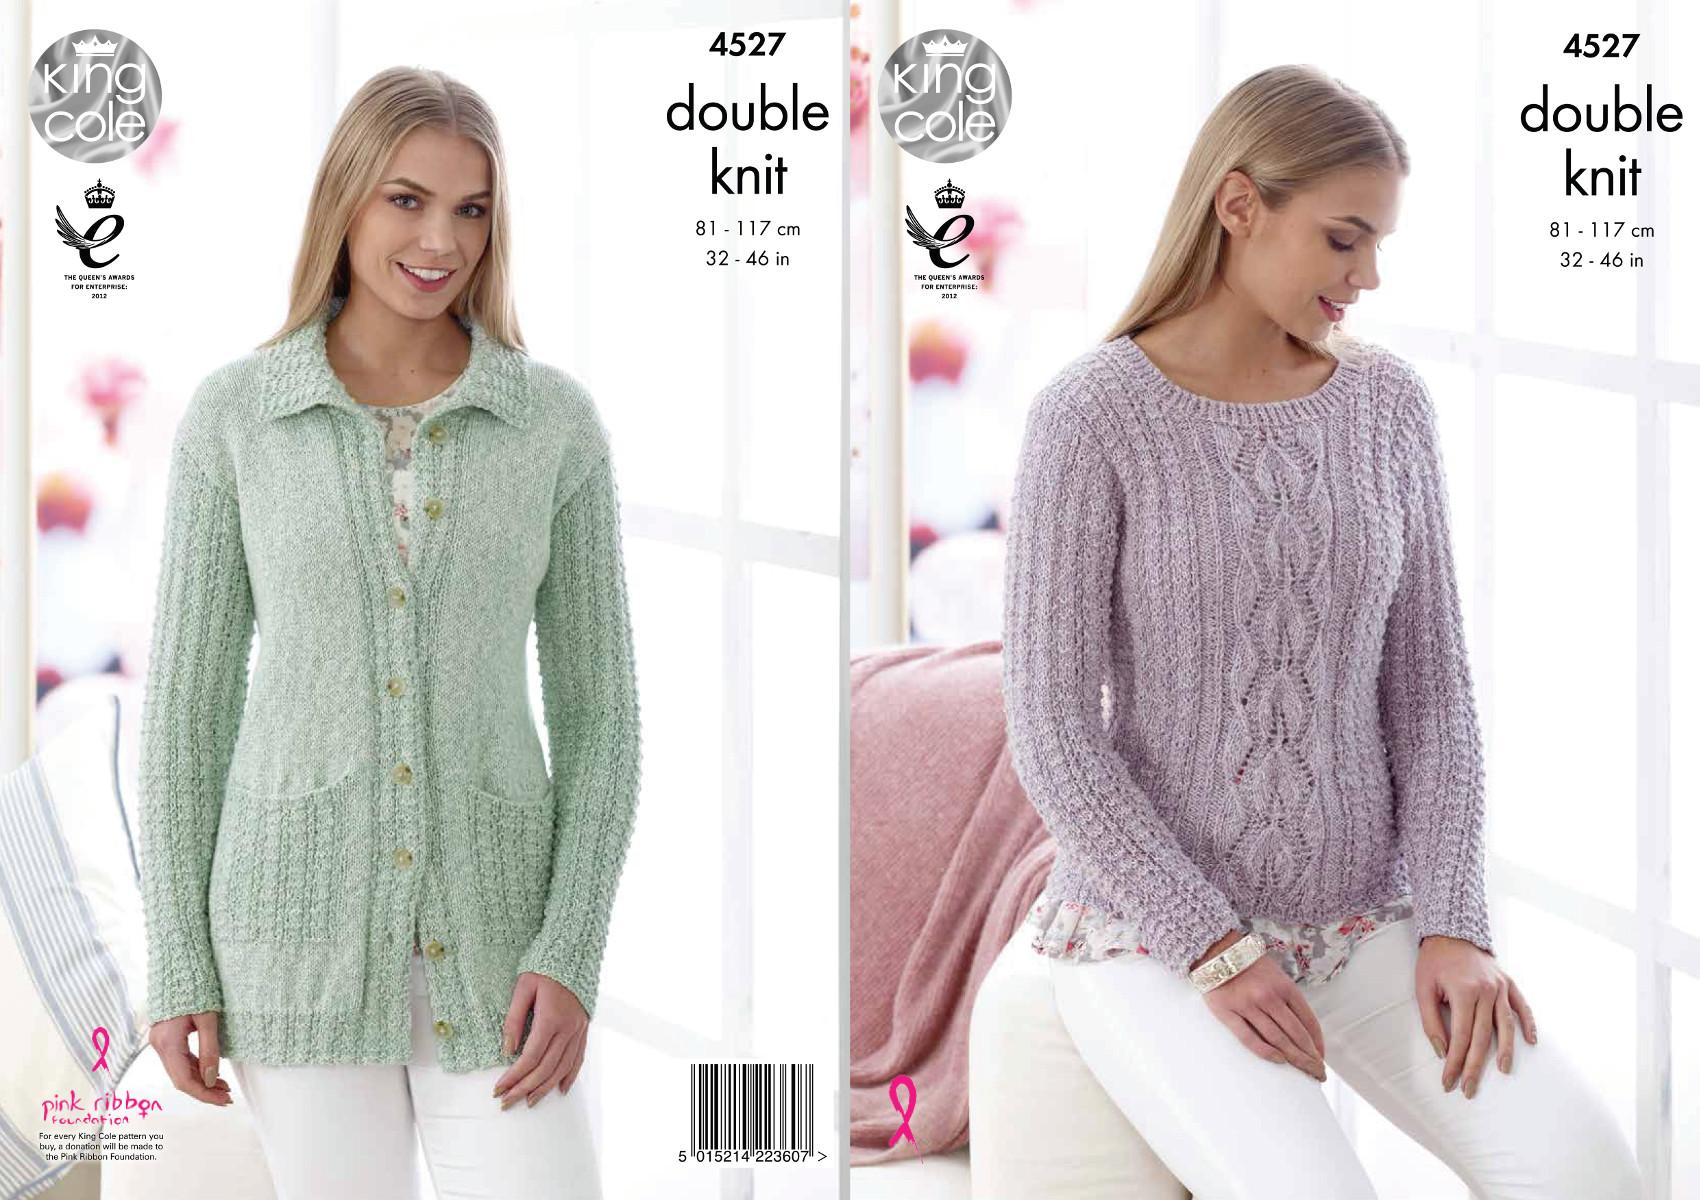 Dk Ladies Jacket Knitting Pattern : King Cole Womens Double Knitting Pattern Ladies Cardigan ...